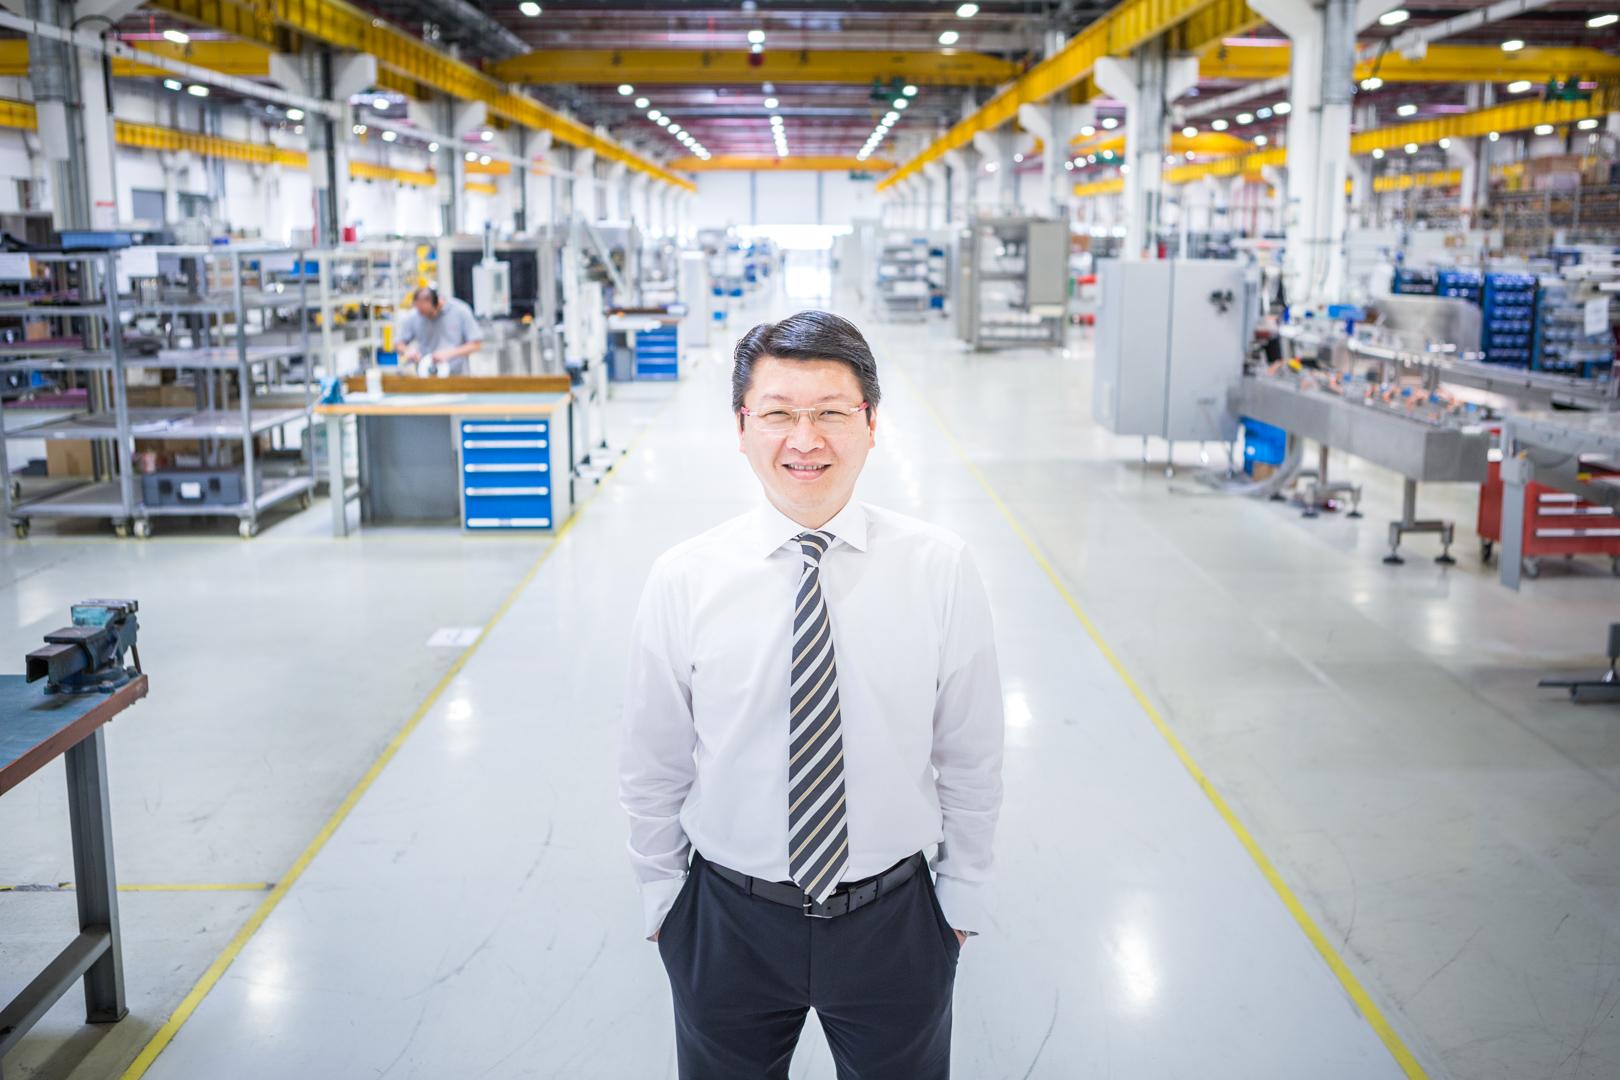 Chef eines Werkes von Bosch in Hangzhou, China